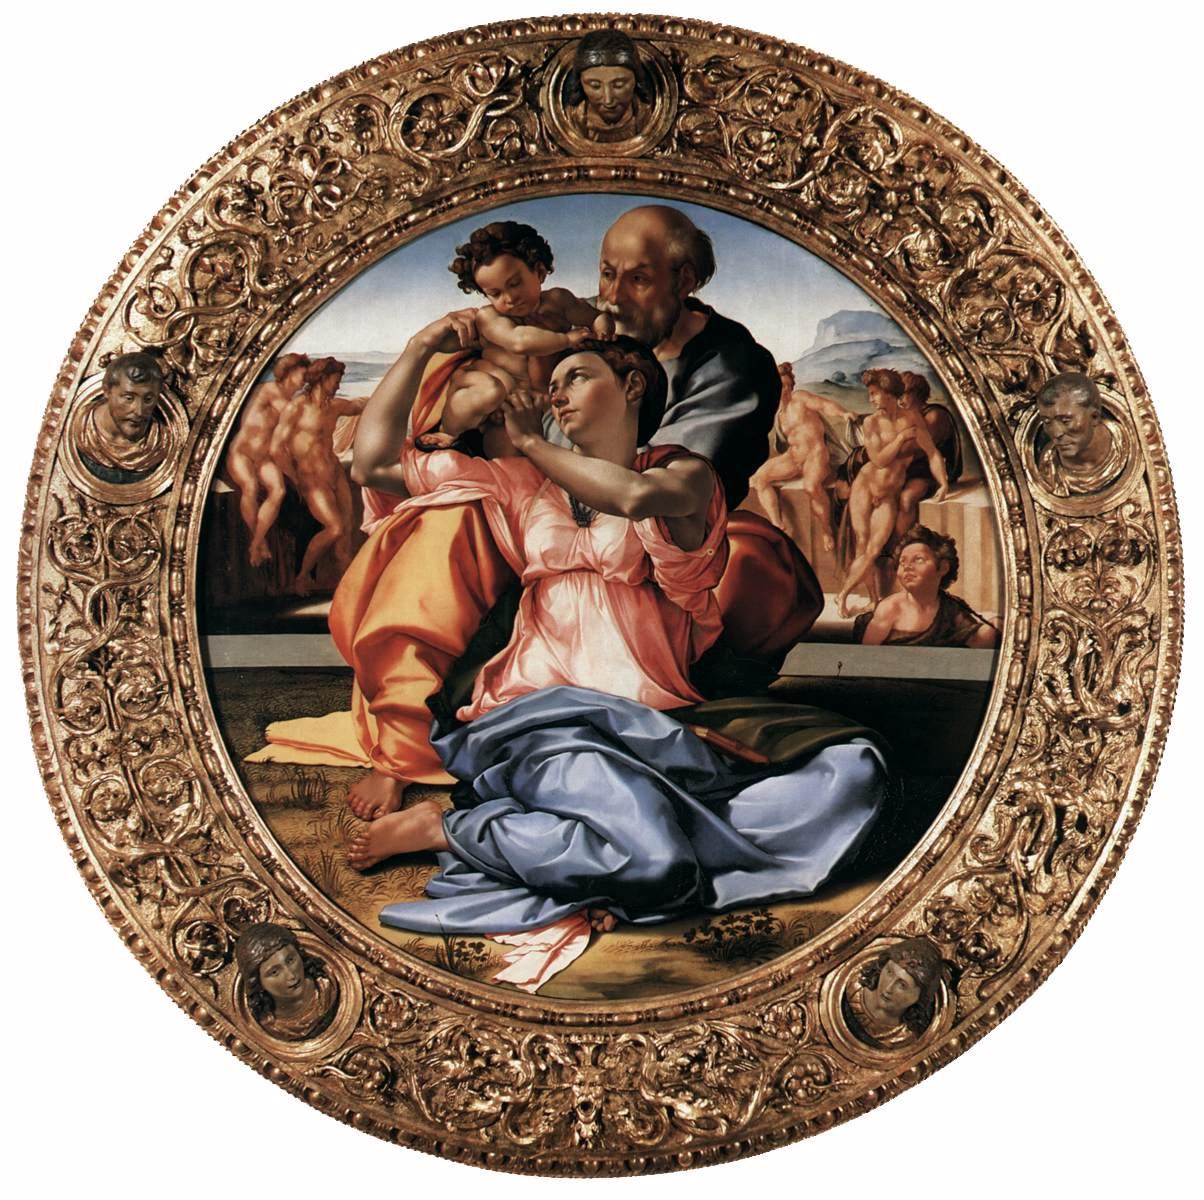 Michelangelo, Doni Tondo, Uffizi Florence